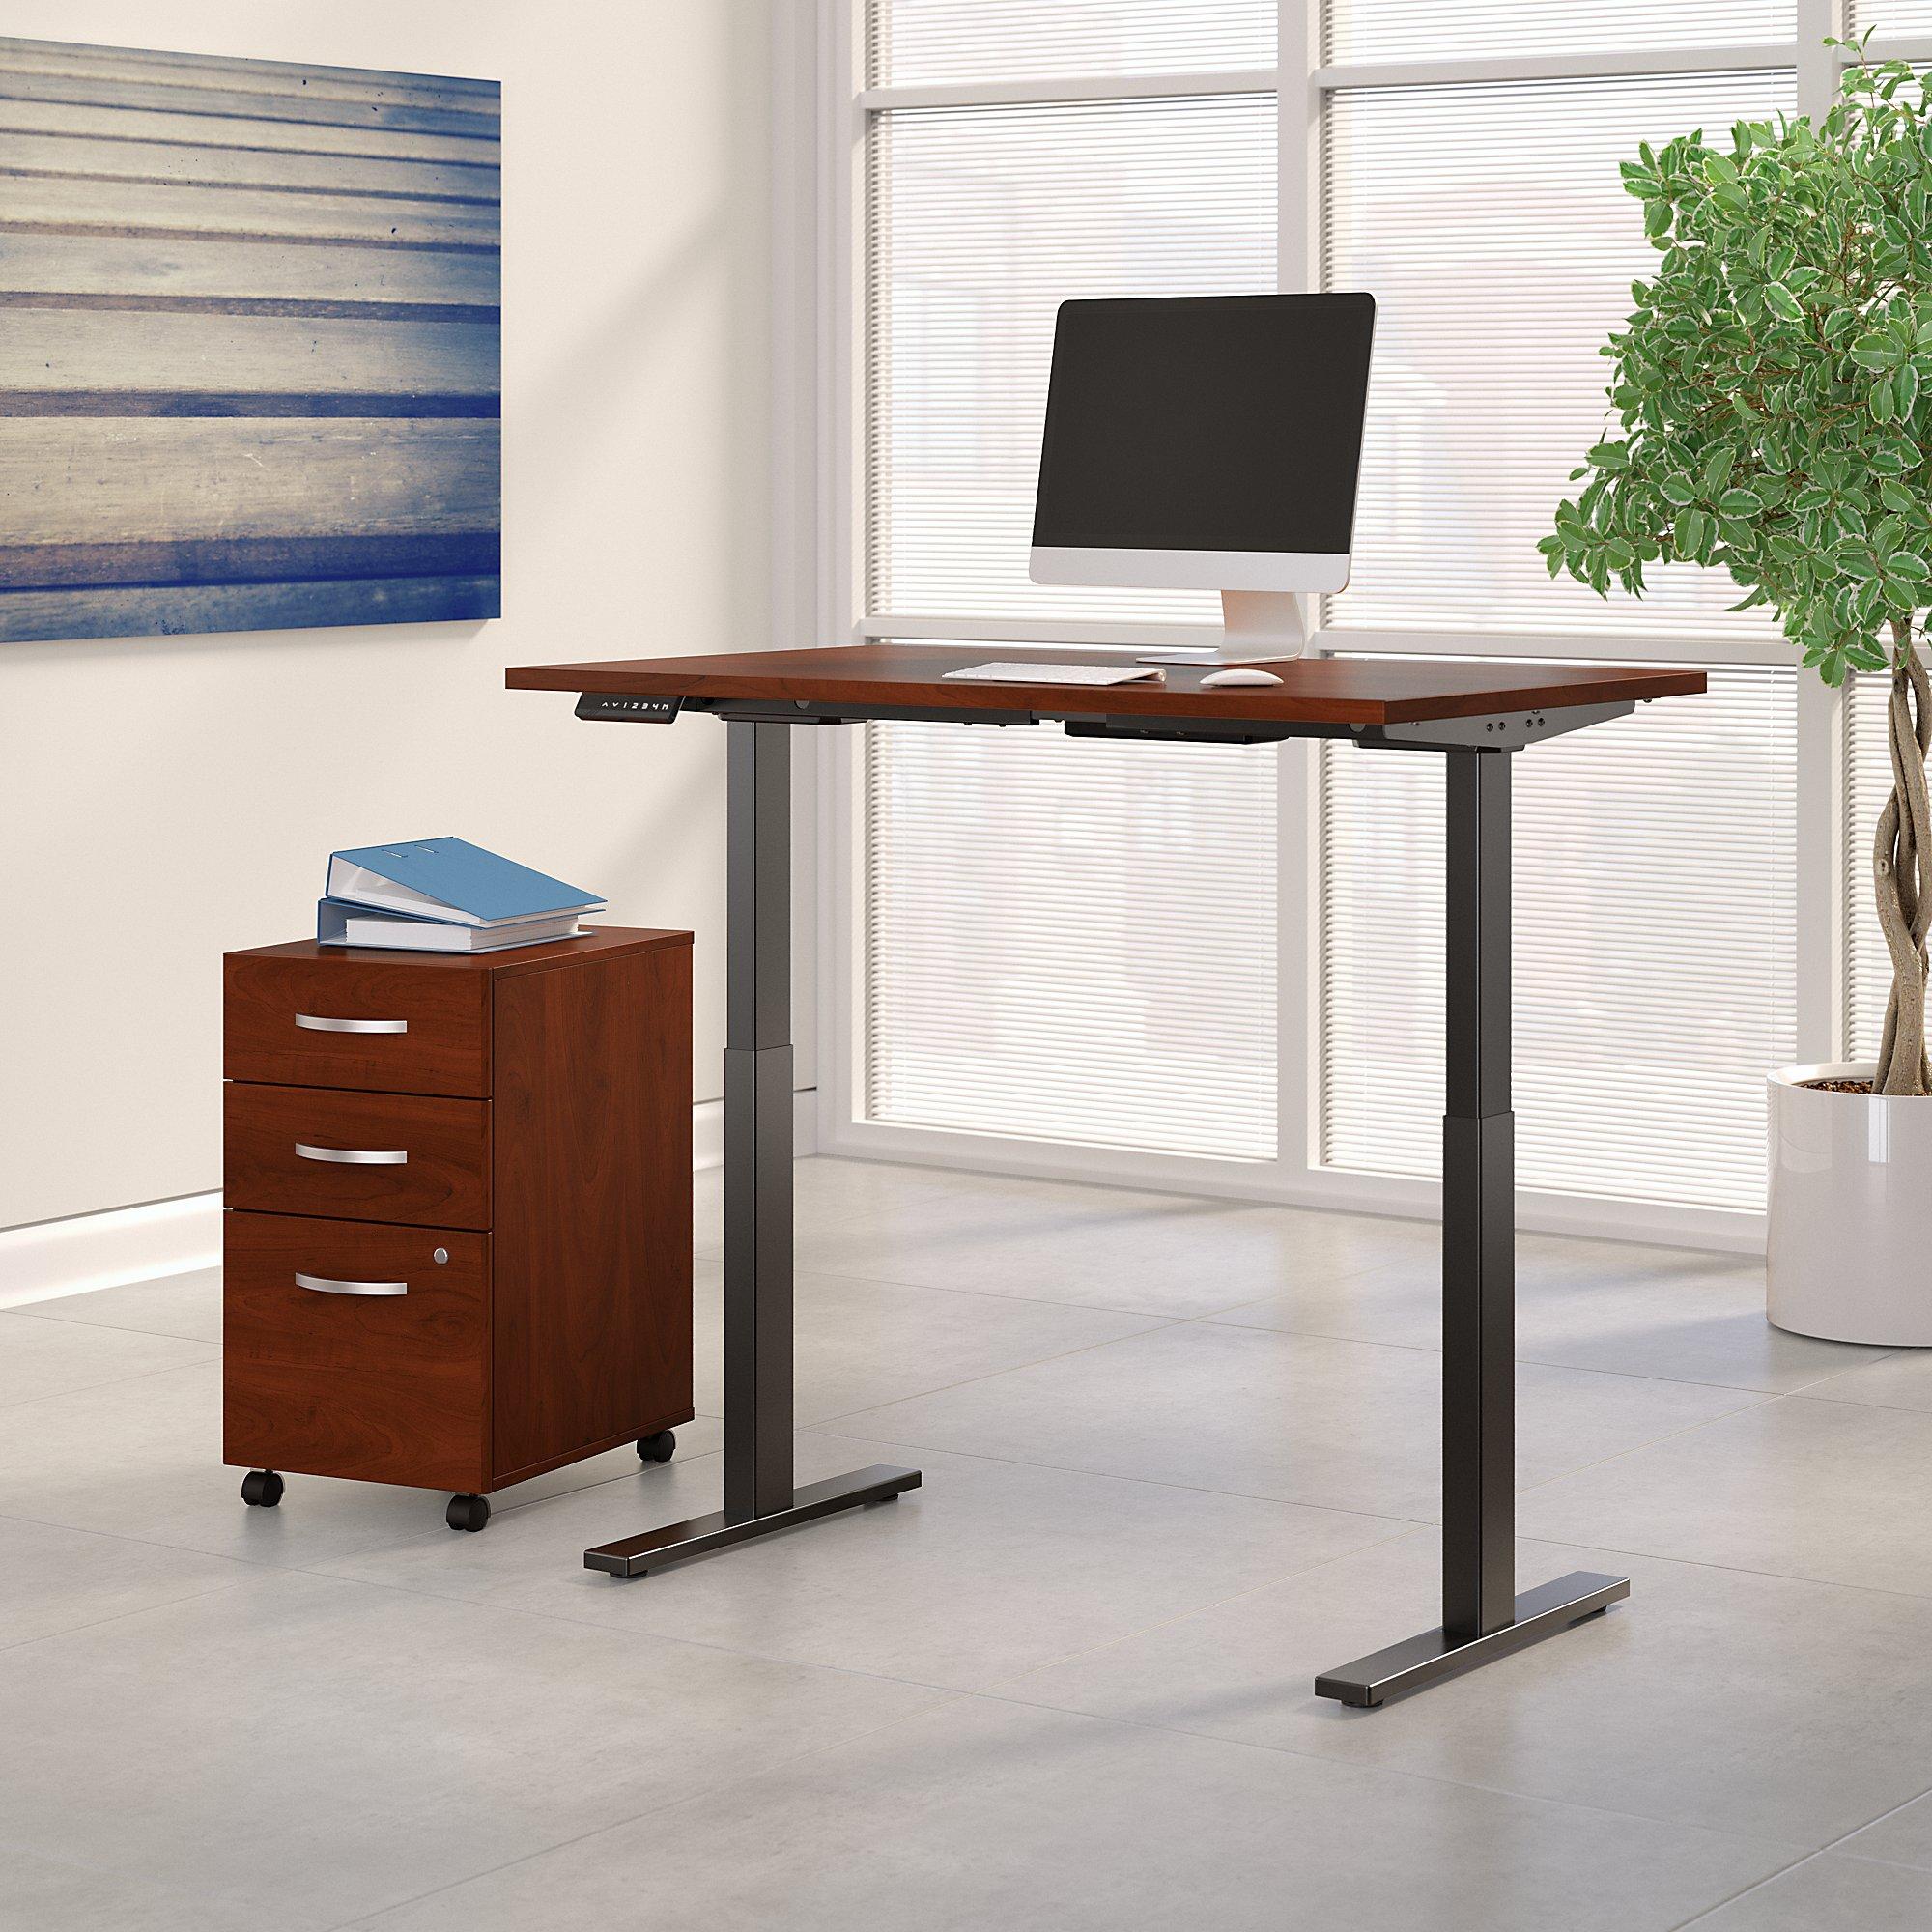 hansen cherry move 60 adjustable desk with storage